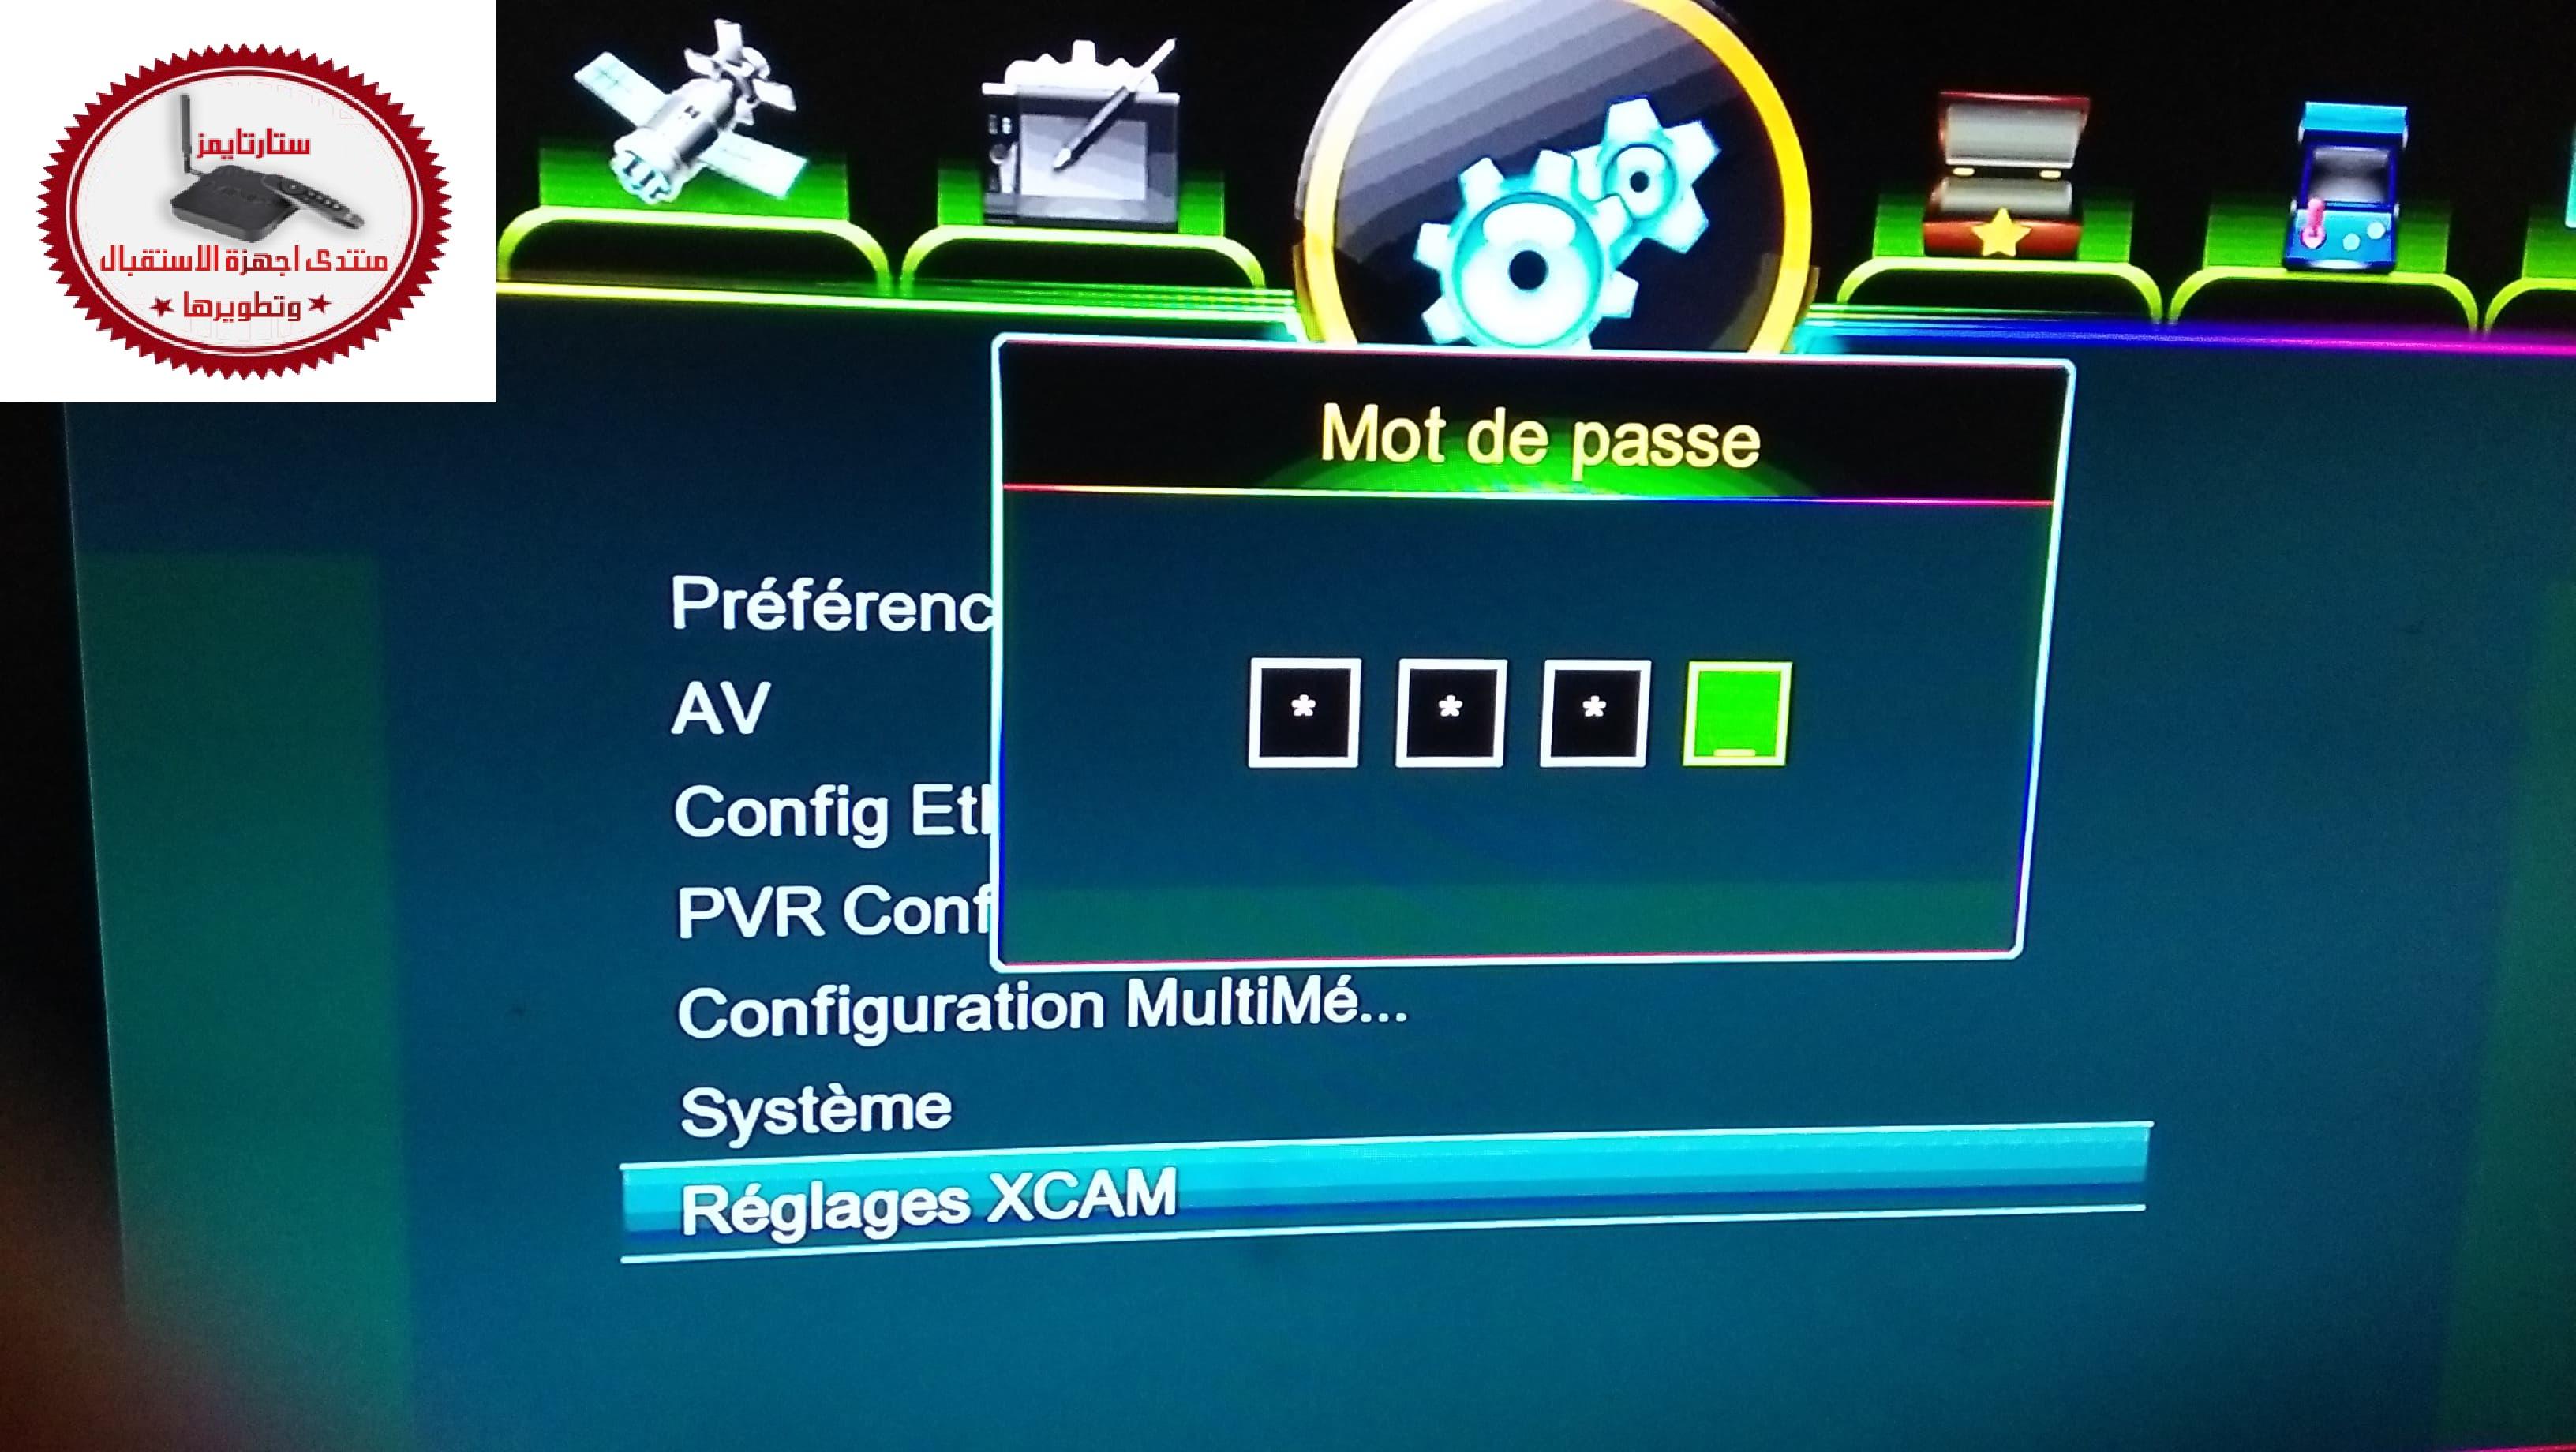 تحويل Digiclass740/Recson505 وأجهزة الشبيهة الى Vision PremiumII واستفادة بخاصية IP AUDIO